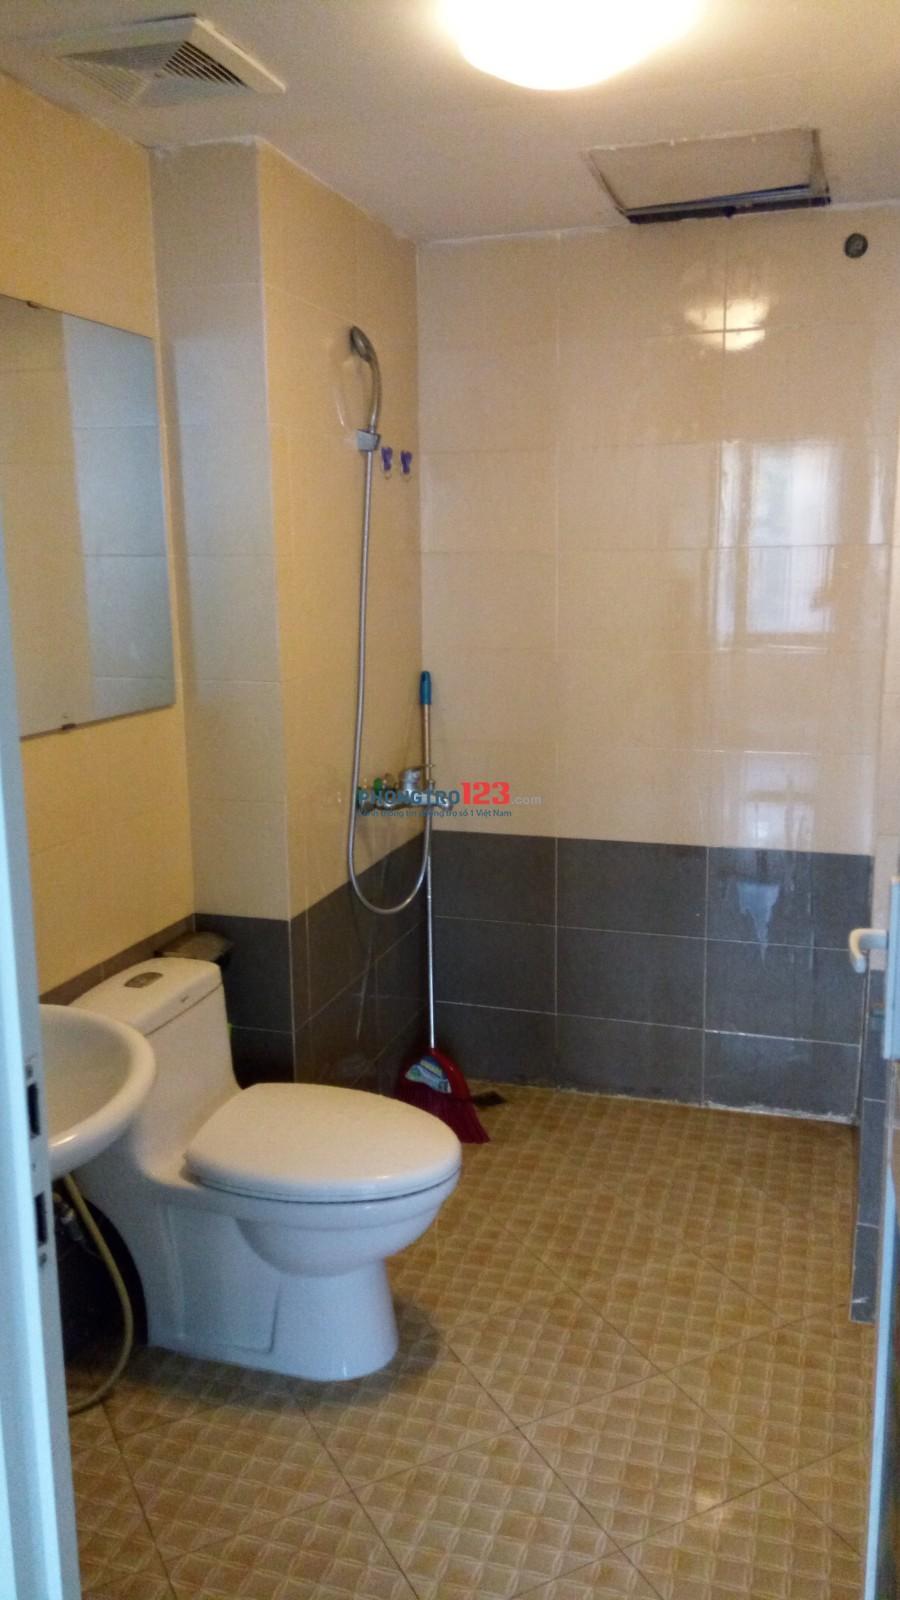 Cho thuê căn hộ chung cư tại Đặng Xá, Gia Lâm, Hà Nội